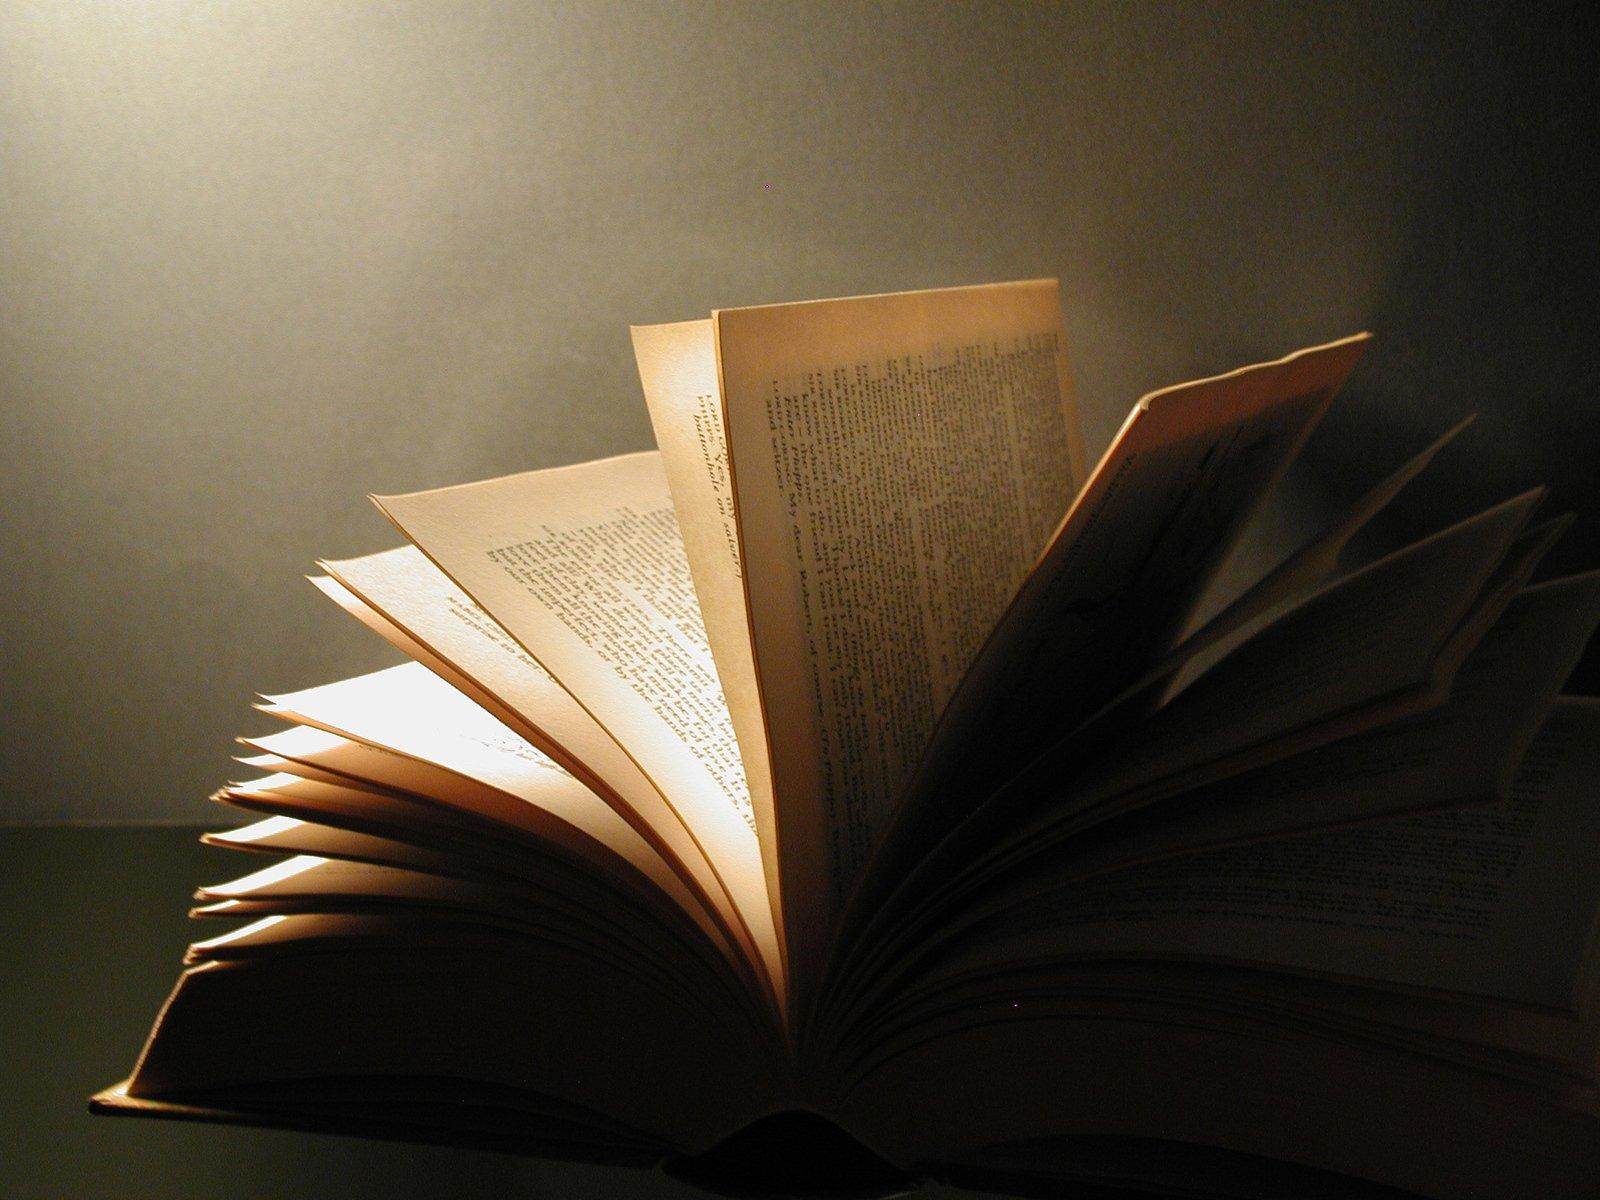 картинки падающей книги женою него